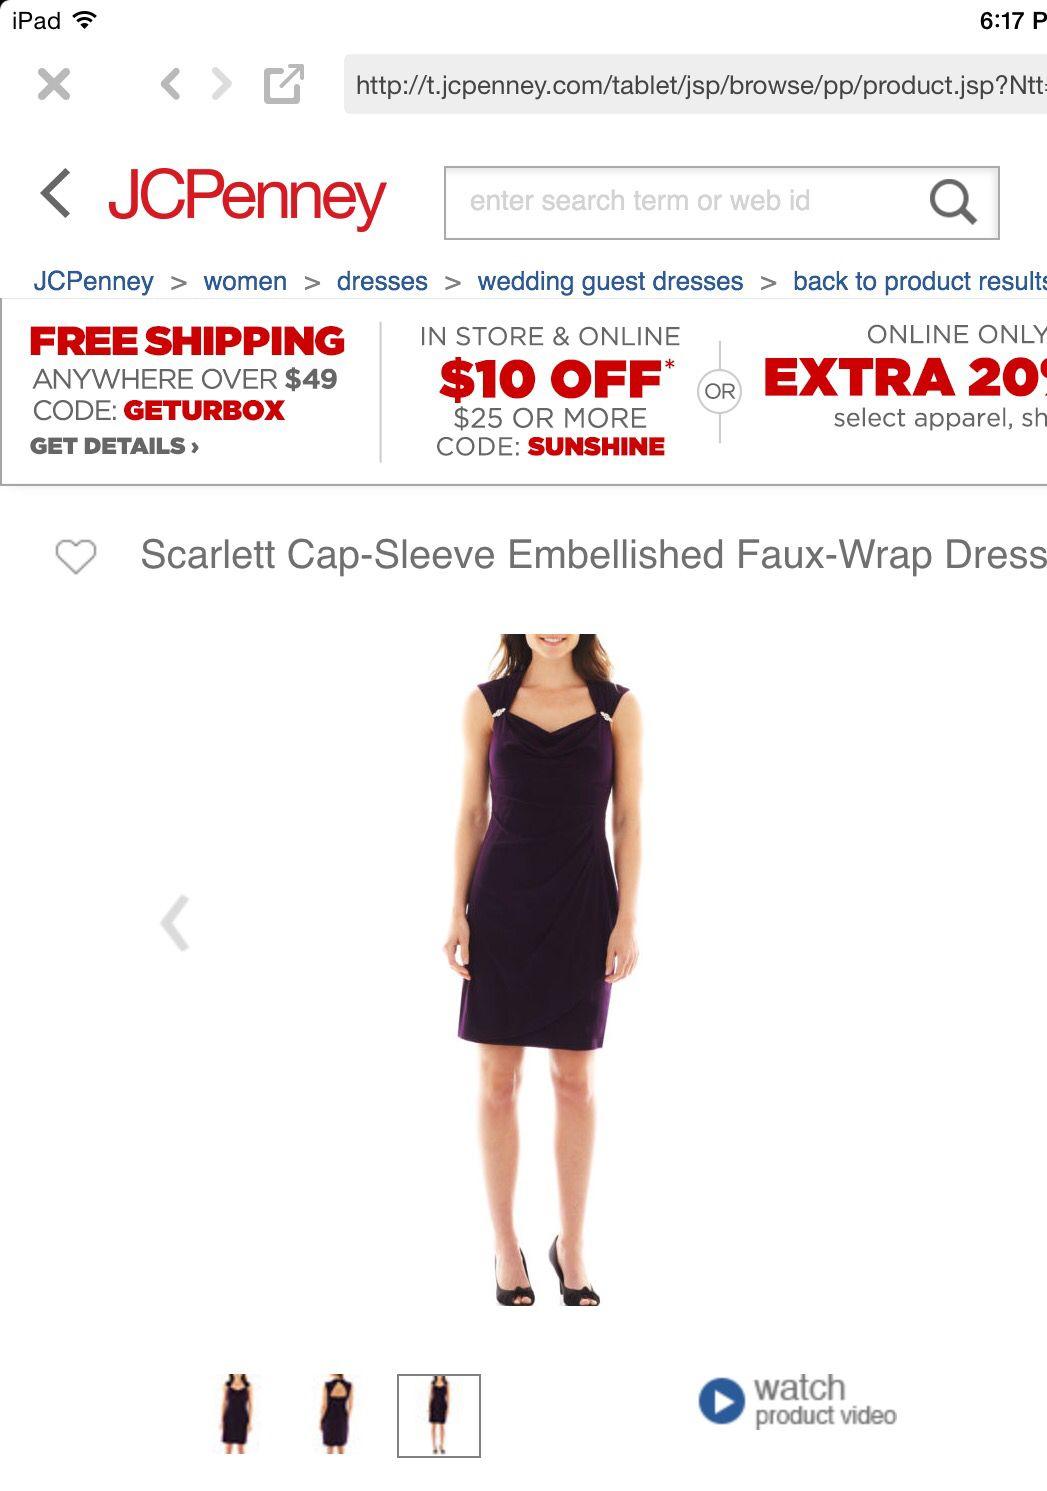 Scarlett capsleeve embellished fauxwrap dress jcpenney